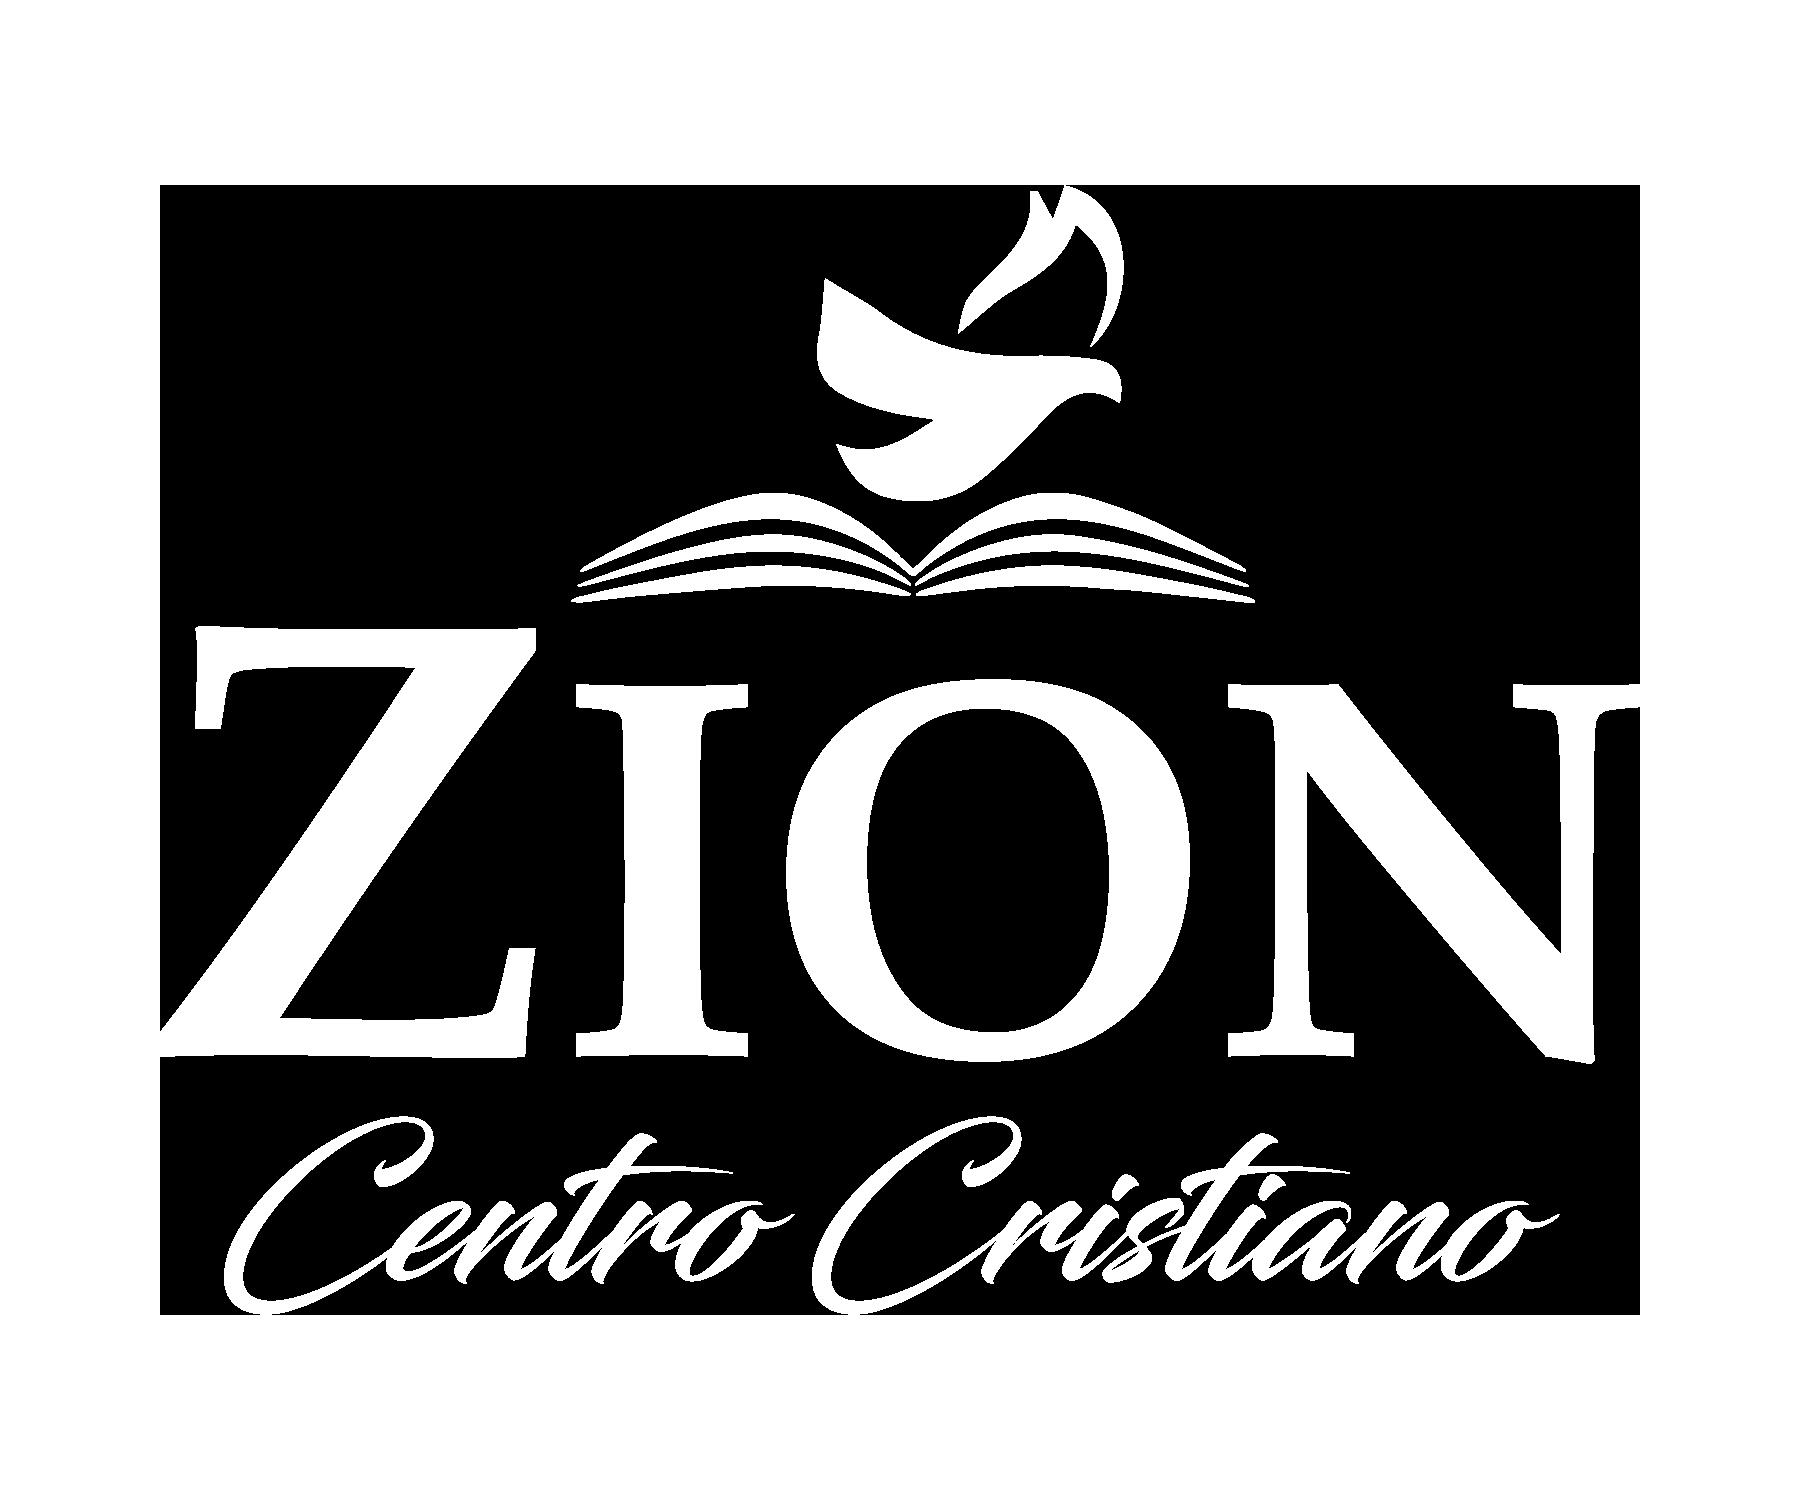 CENTRO CRISTIANO ZION